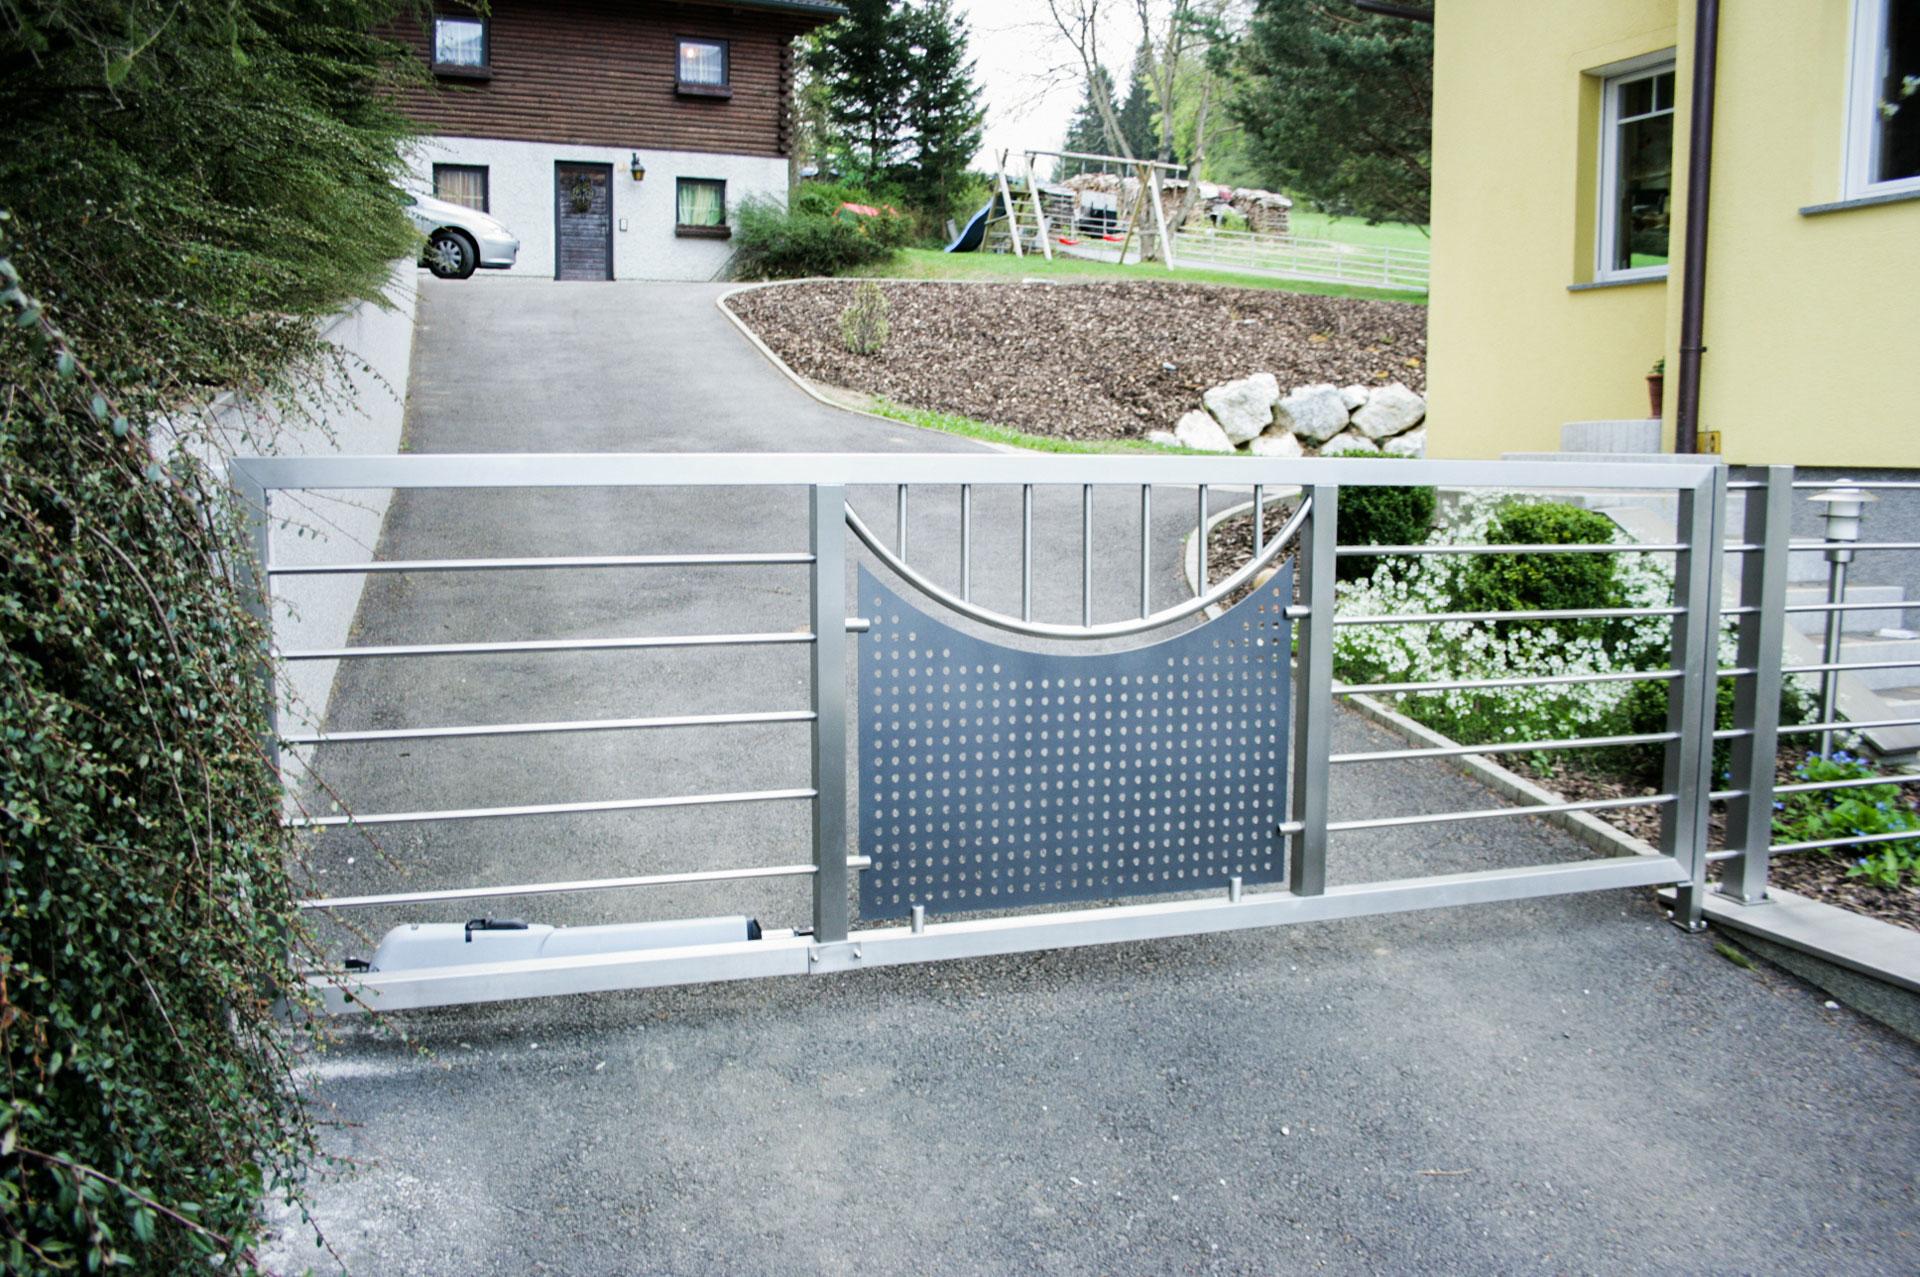 ZE Sonder 01 a   Einflügeliges elektrisches Drehtor aus Niro, Stäbe, Lochblech   Svoboda Metalltechnik